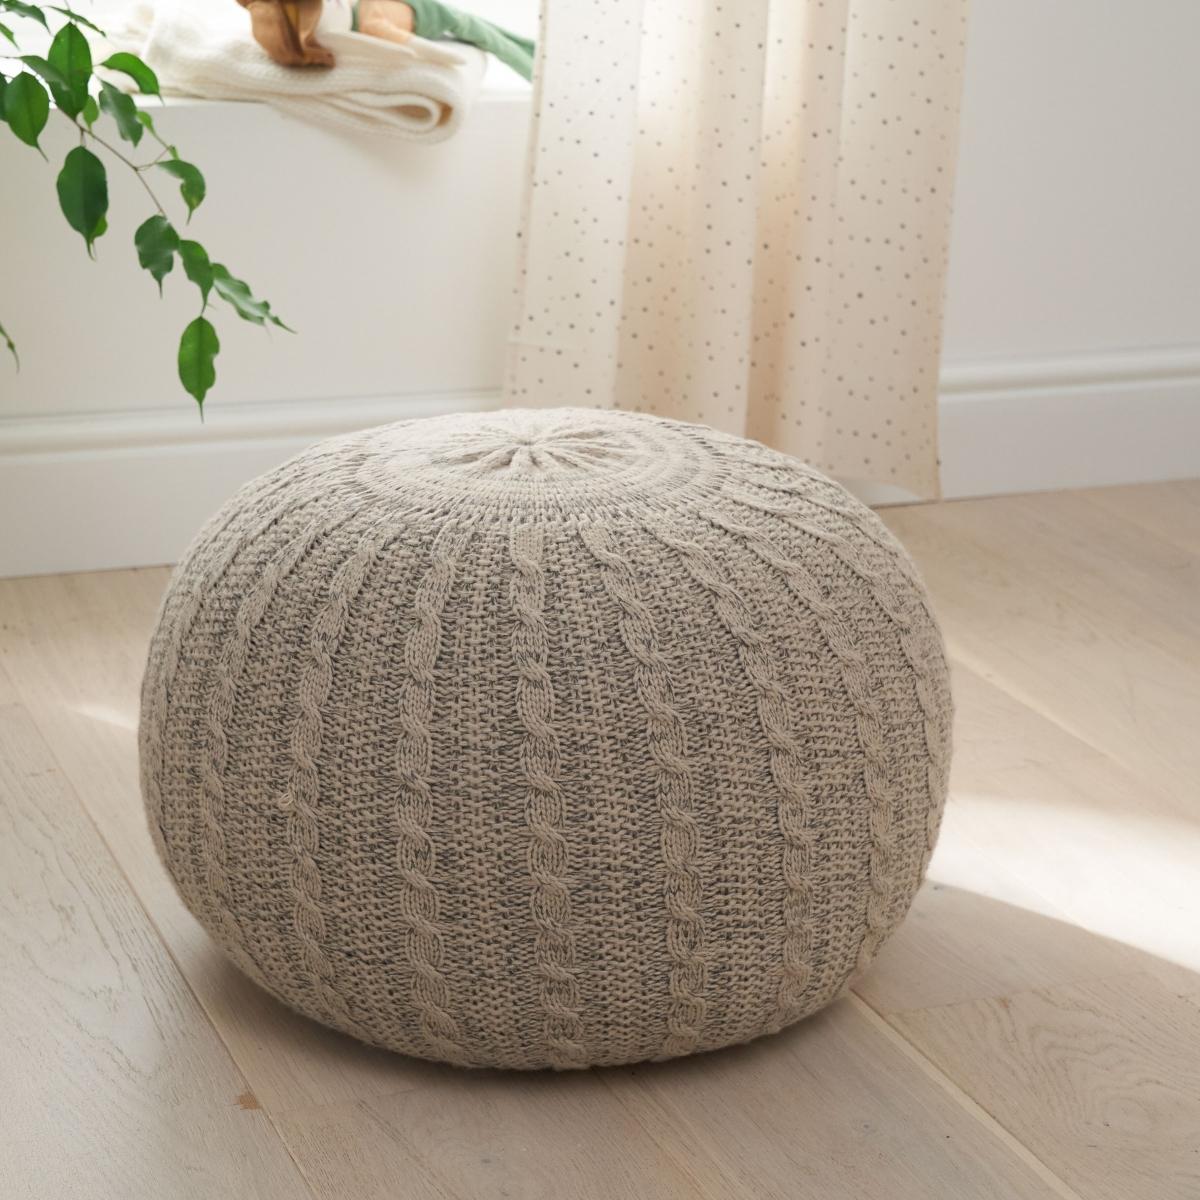 Tutti Bambini Knitted Pouffe Footstool-Stone/Natural